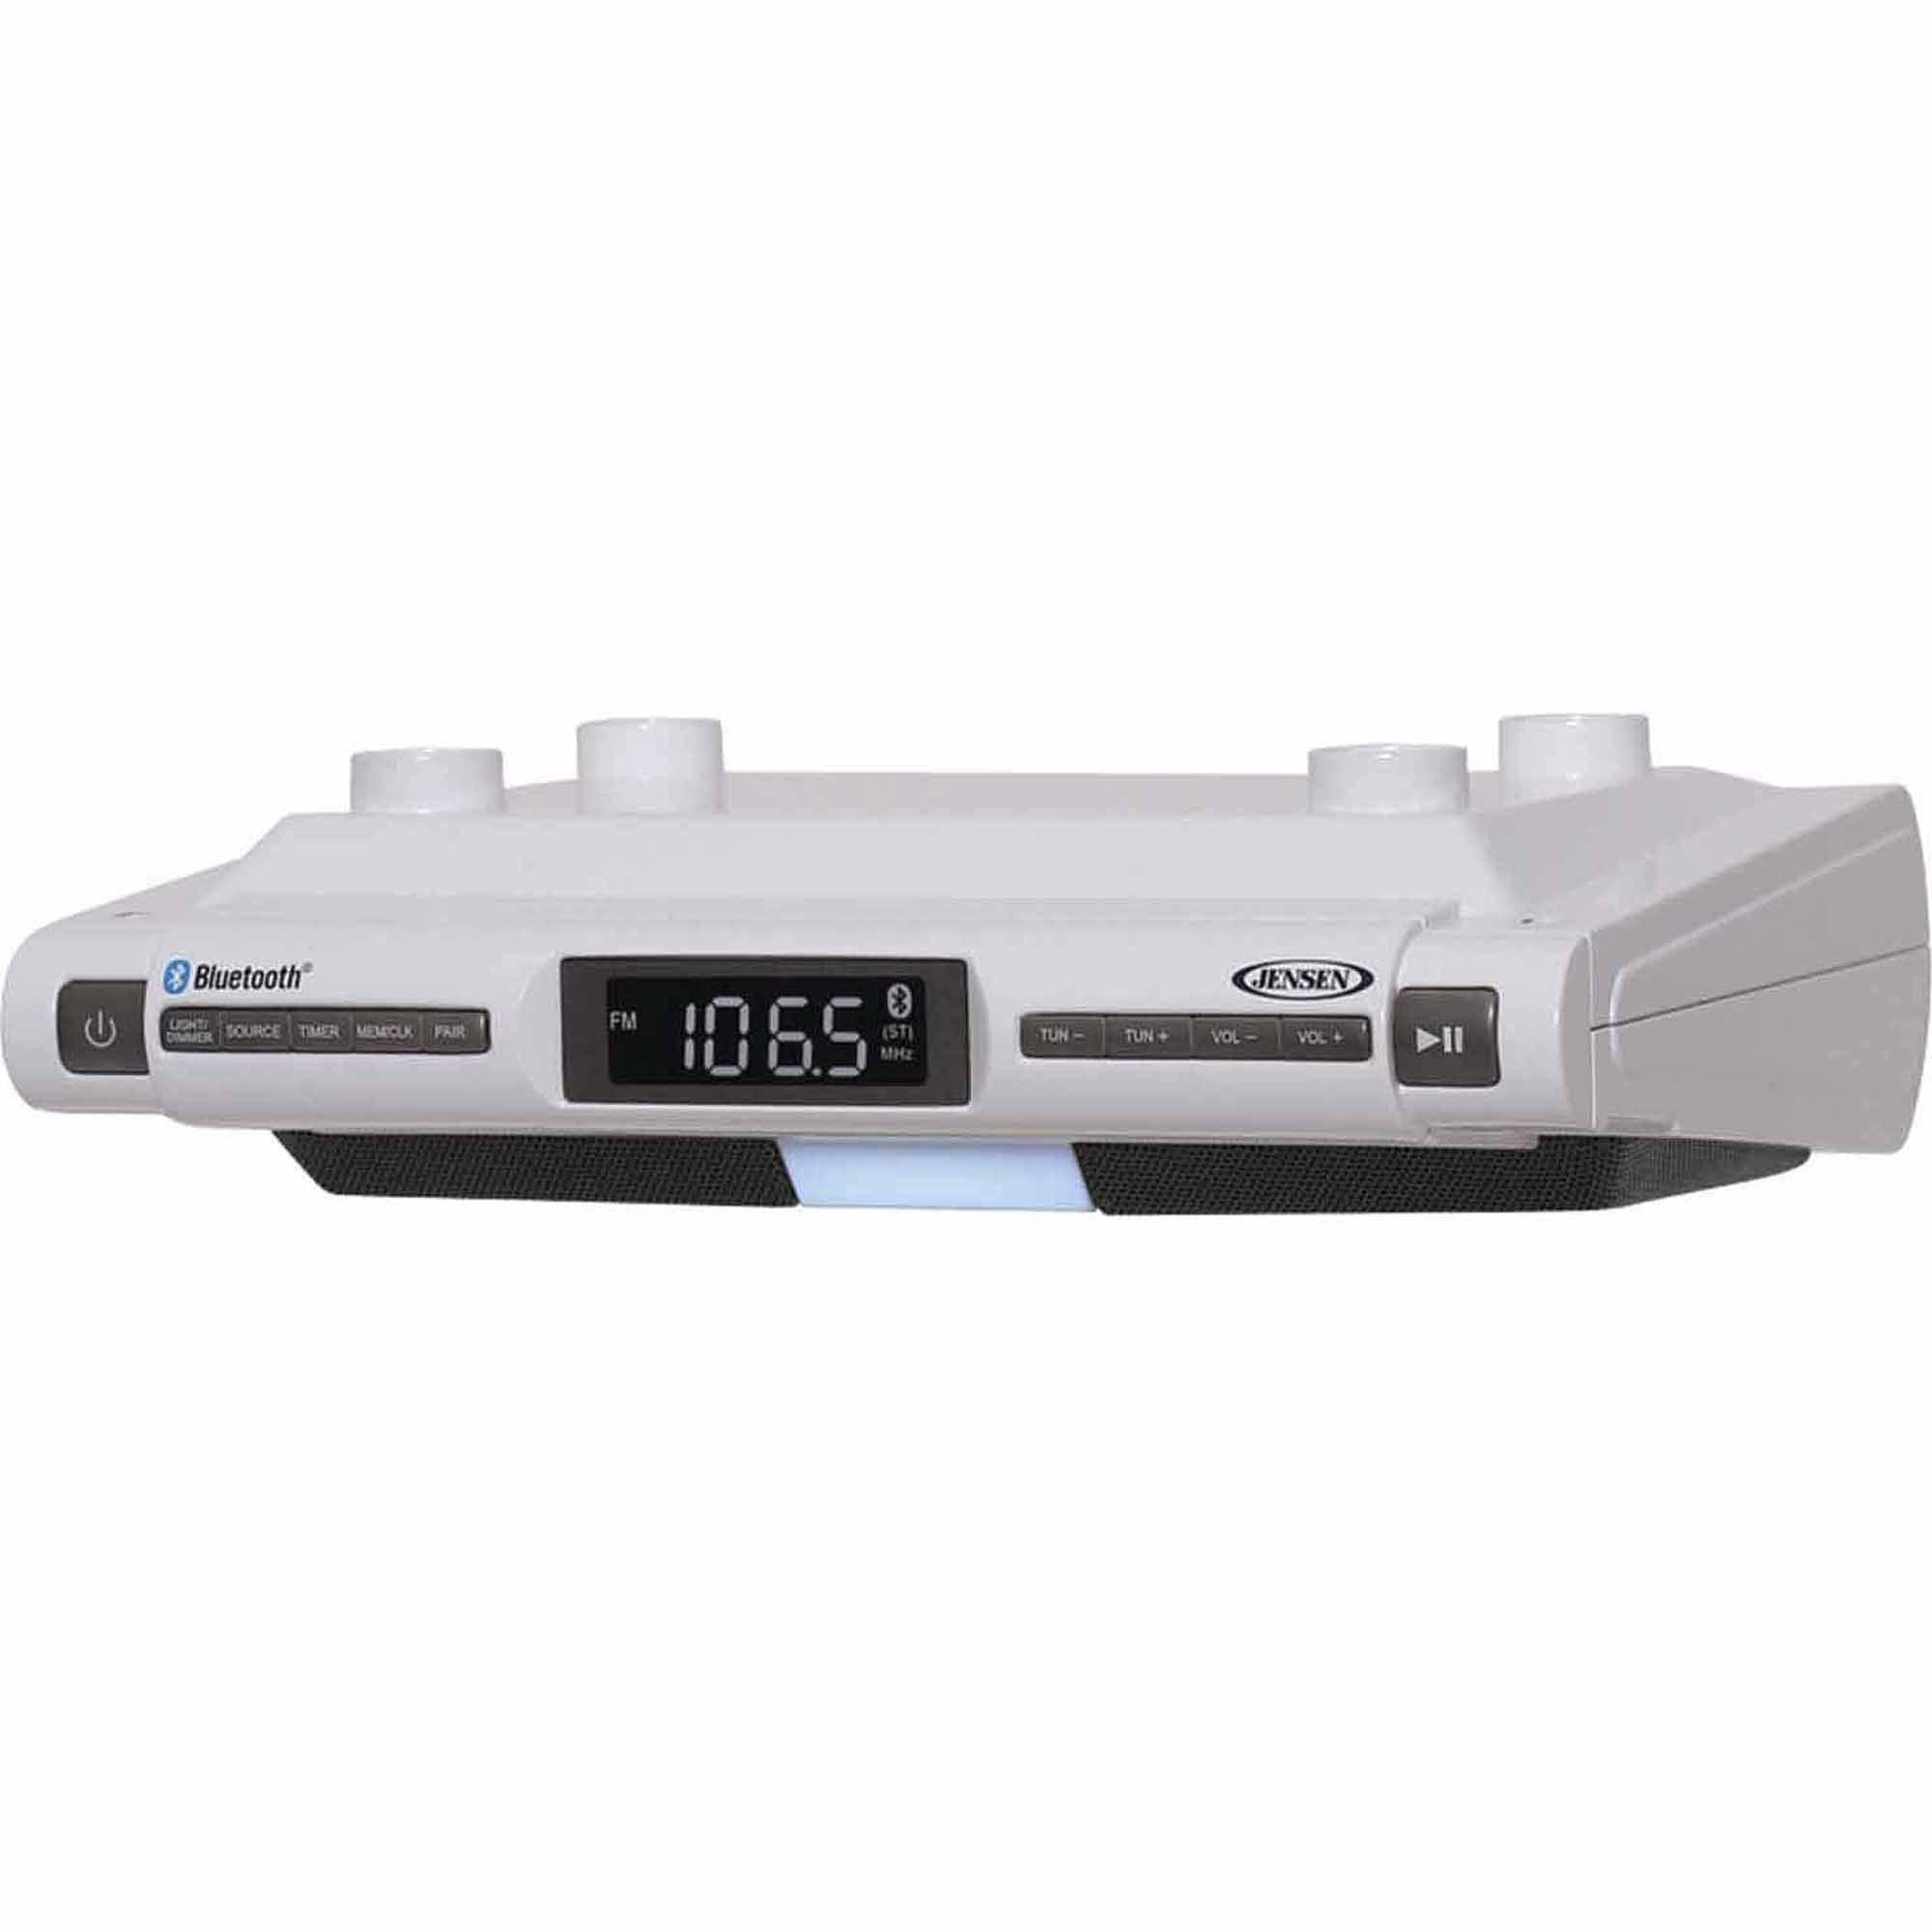 Sistema de música Bluetooth Universal Jensen del debajo-gabinete SMPS-628 + Jensen en Veo y Compro